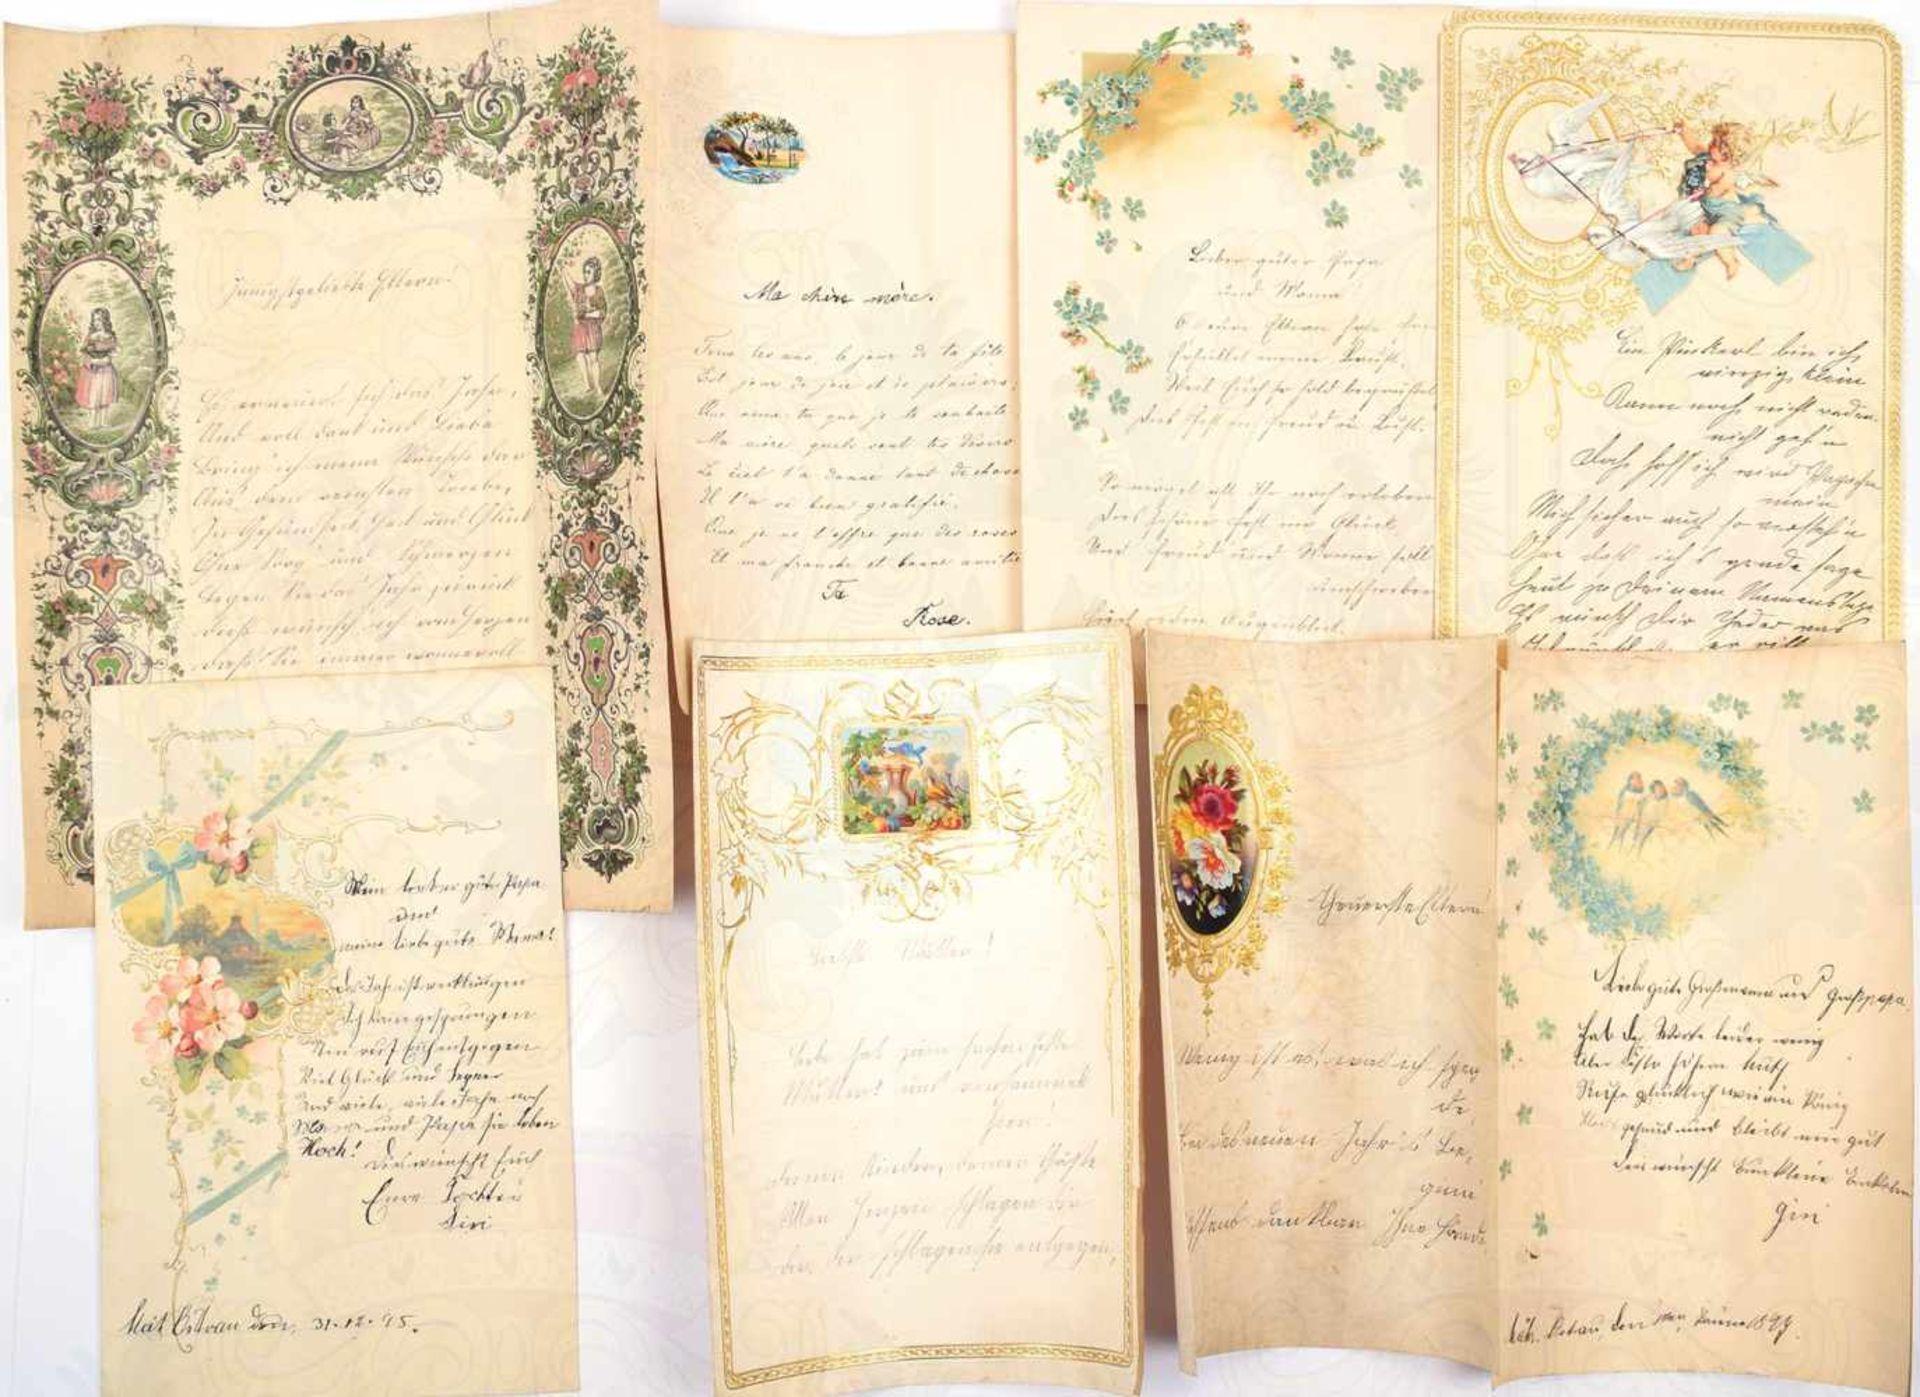 Los 57 - 17 SCHMUCKBRIEFE 1870-1899, farb. Vordrucke mit Motiven, tls. goldgepr., m. Feder u. Bleistift